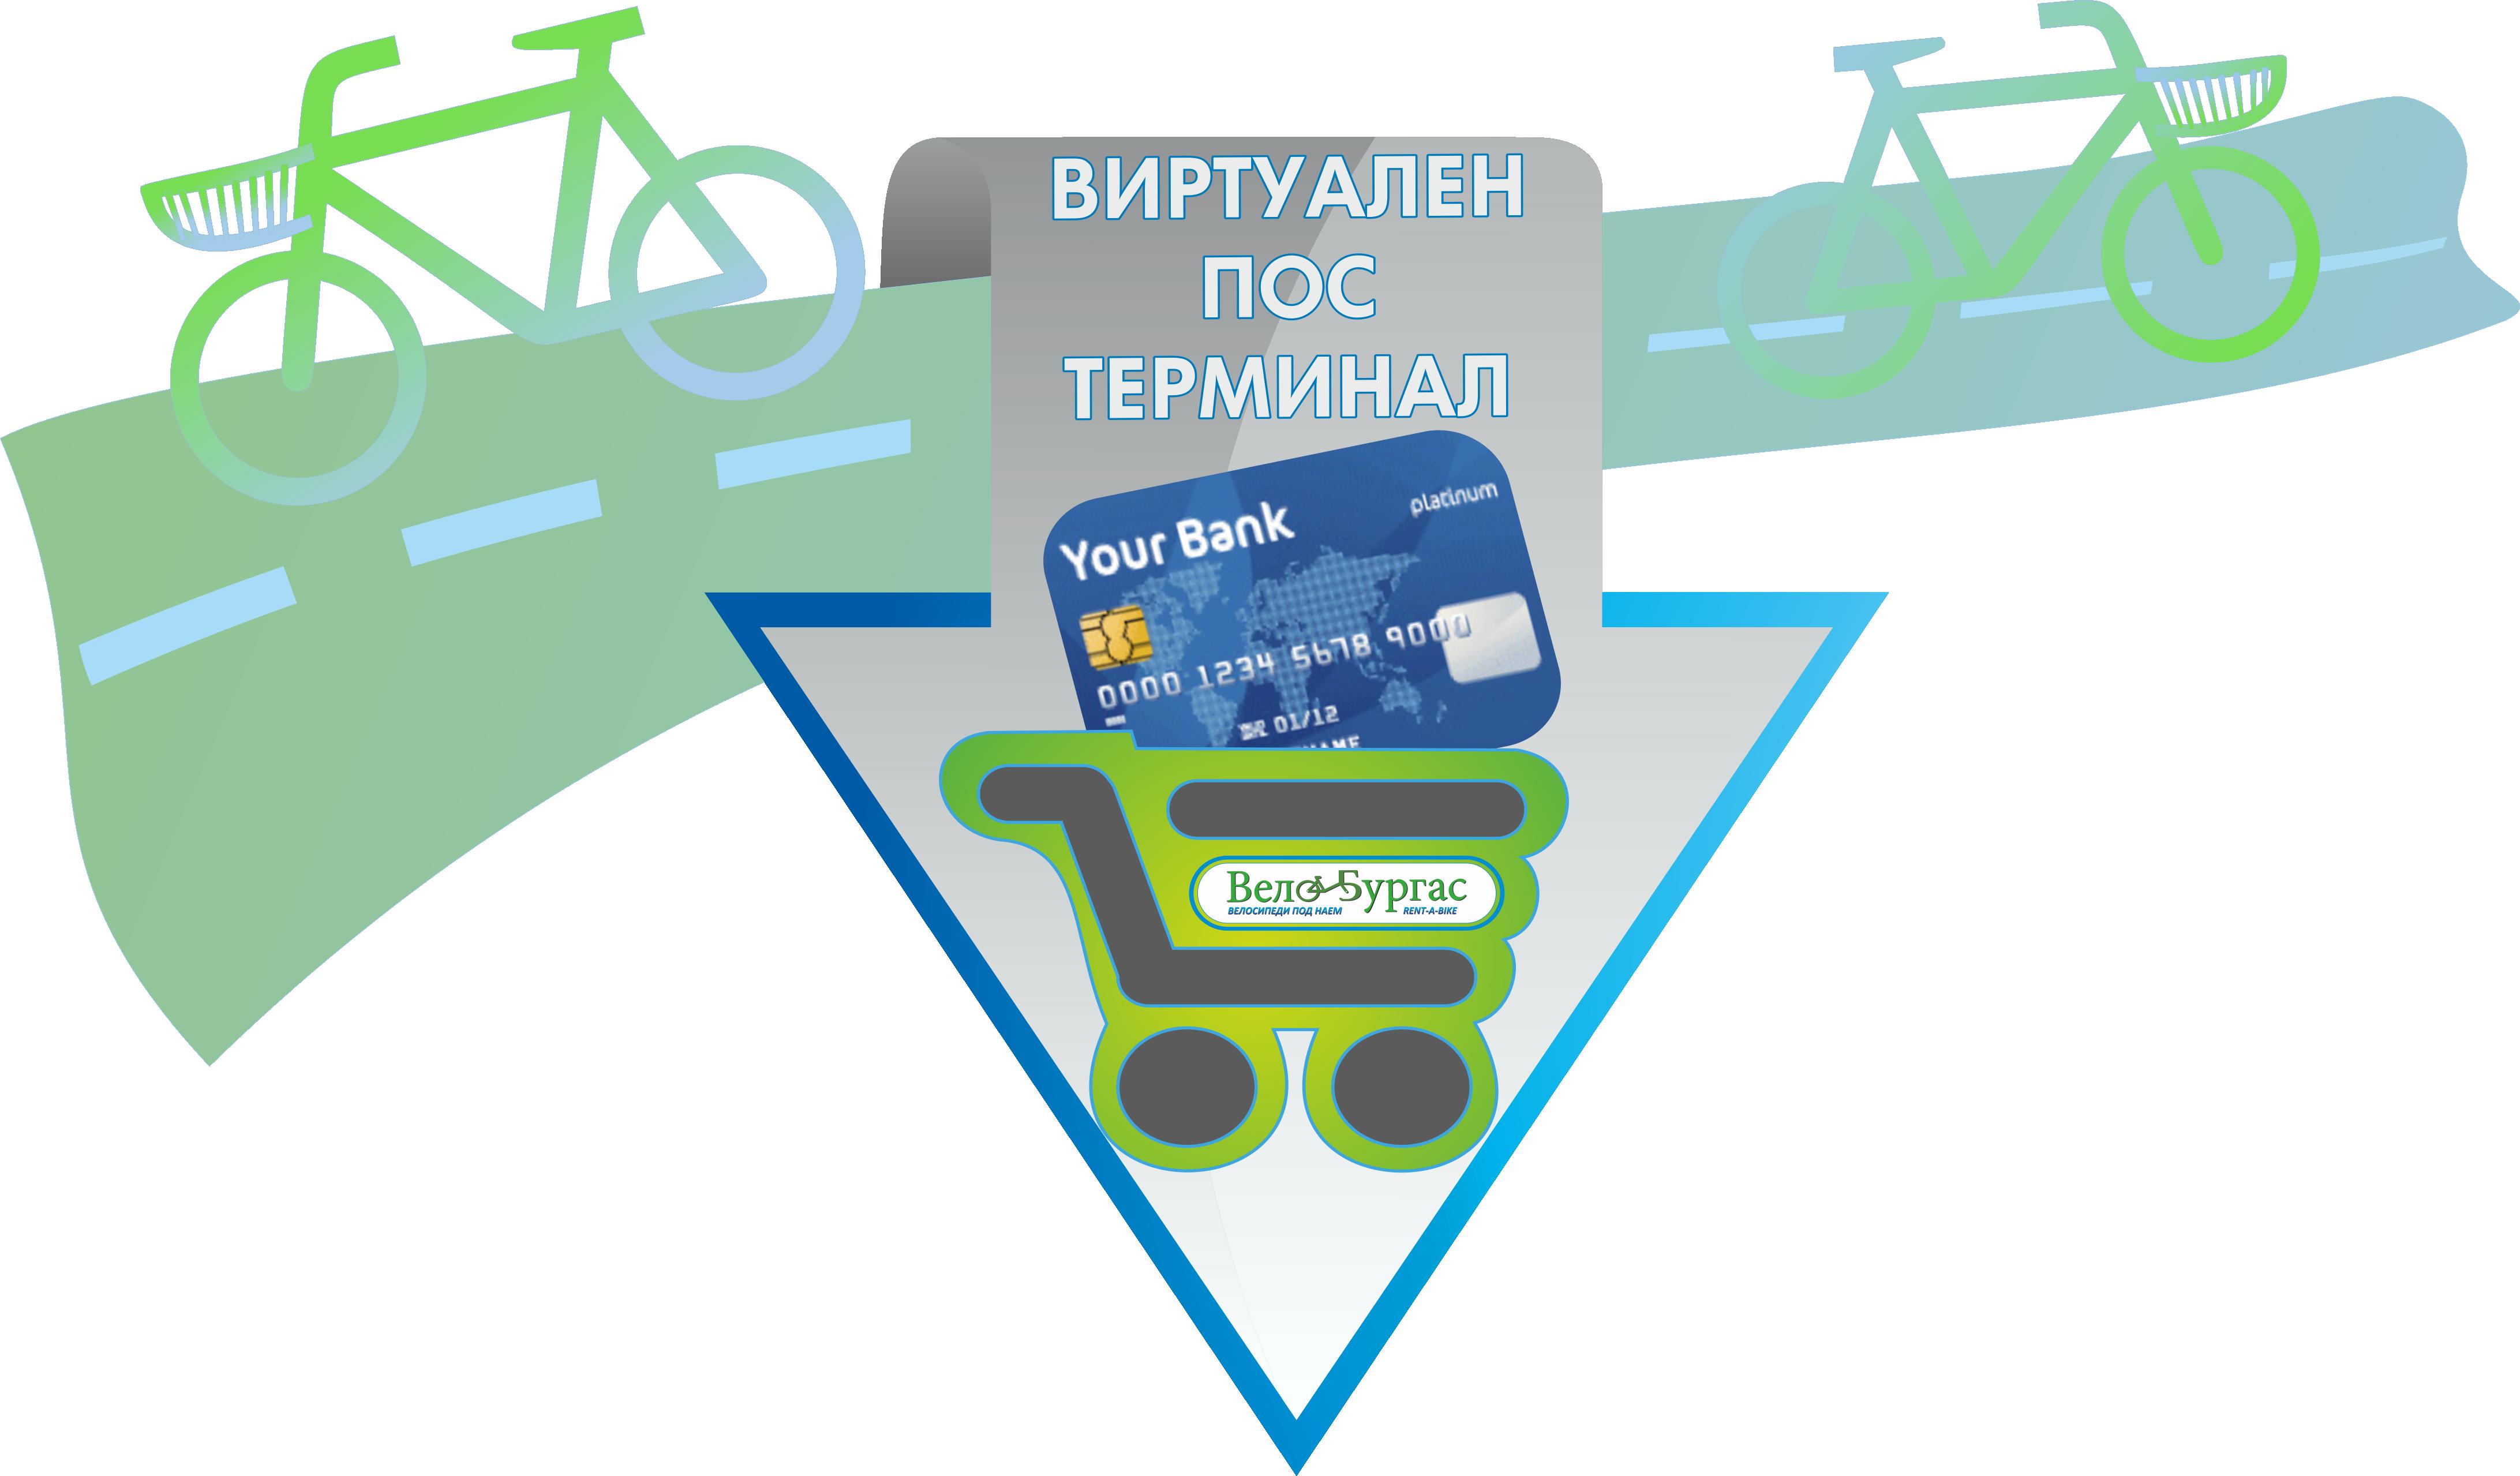 Автоматизирана система за отдаване на велосипеди под наем: 2015г.-2019г. - Наемане чрез POS терминал